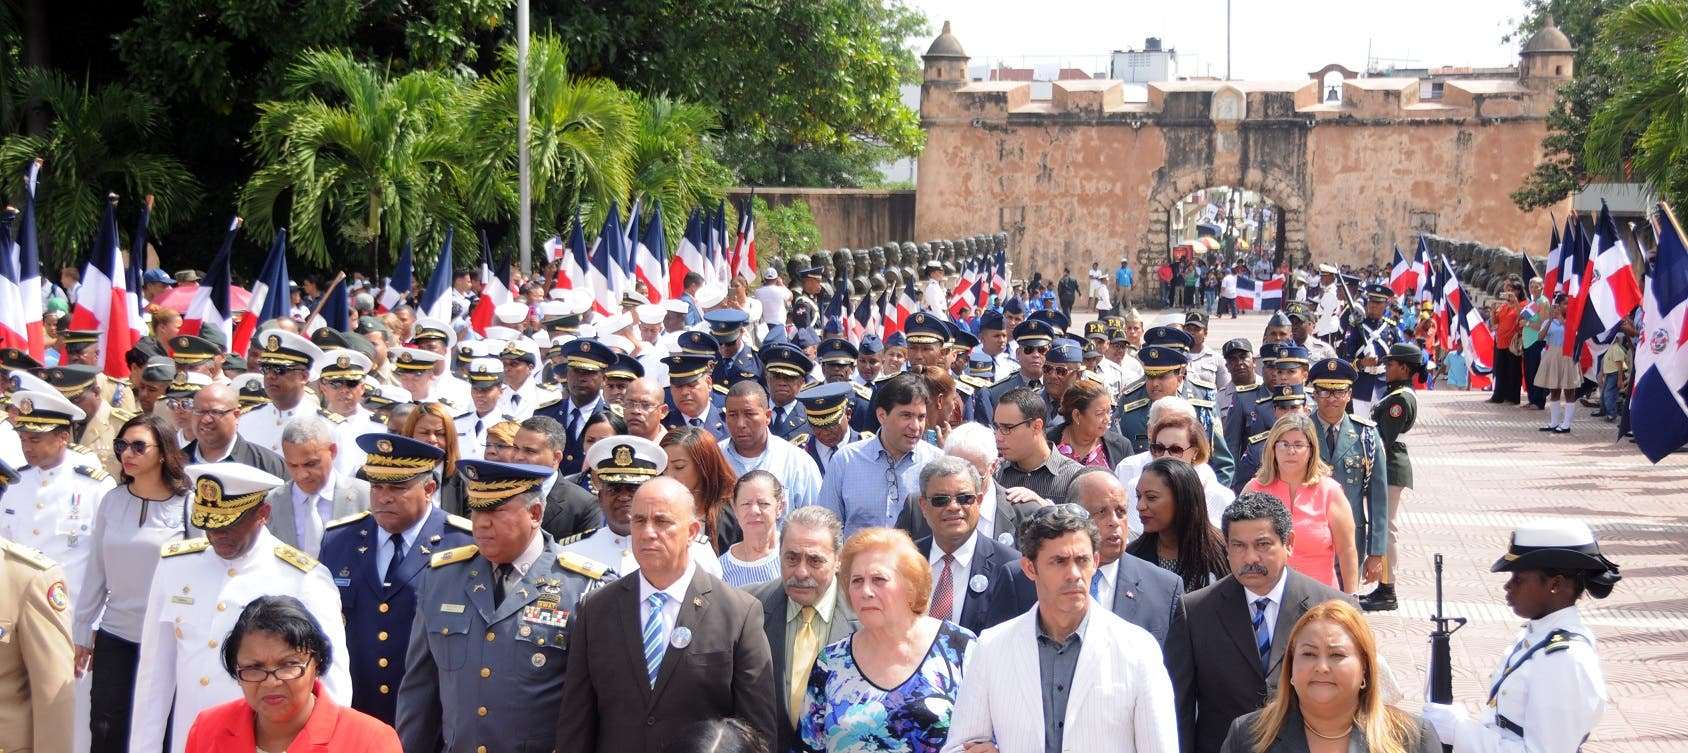 Funcionarios civiles y militares acudieron hoy a rendir honor a Francisco del Rosario Sánchez en el Altar de la Patria, al conmemorarse hoy el 201 aniversario de su nacimiento.